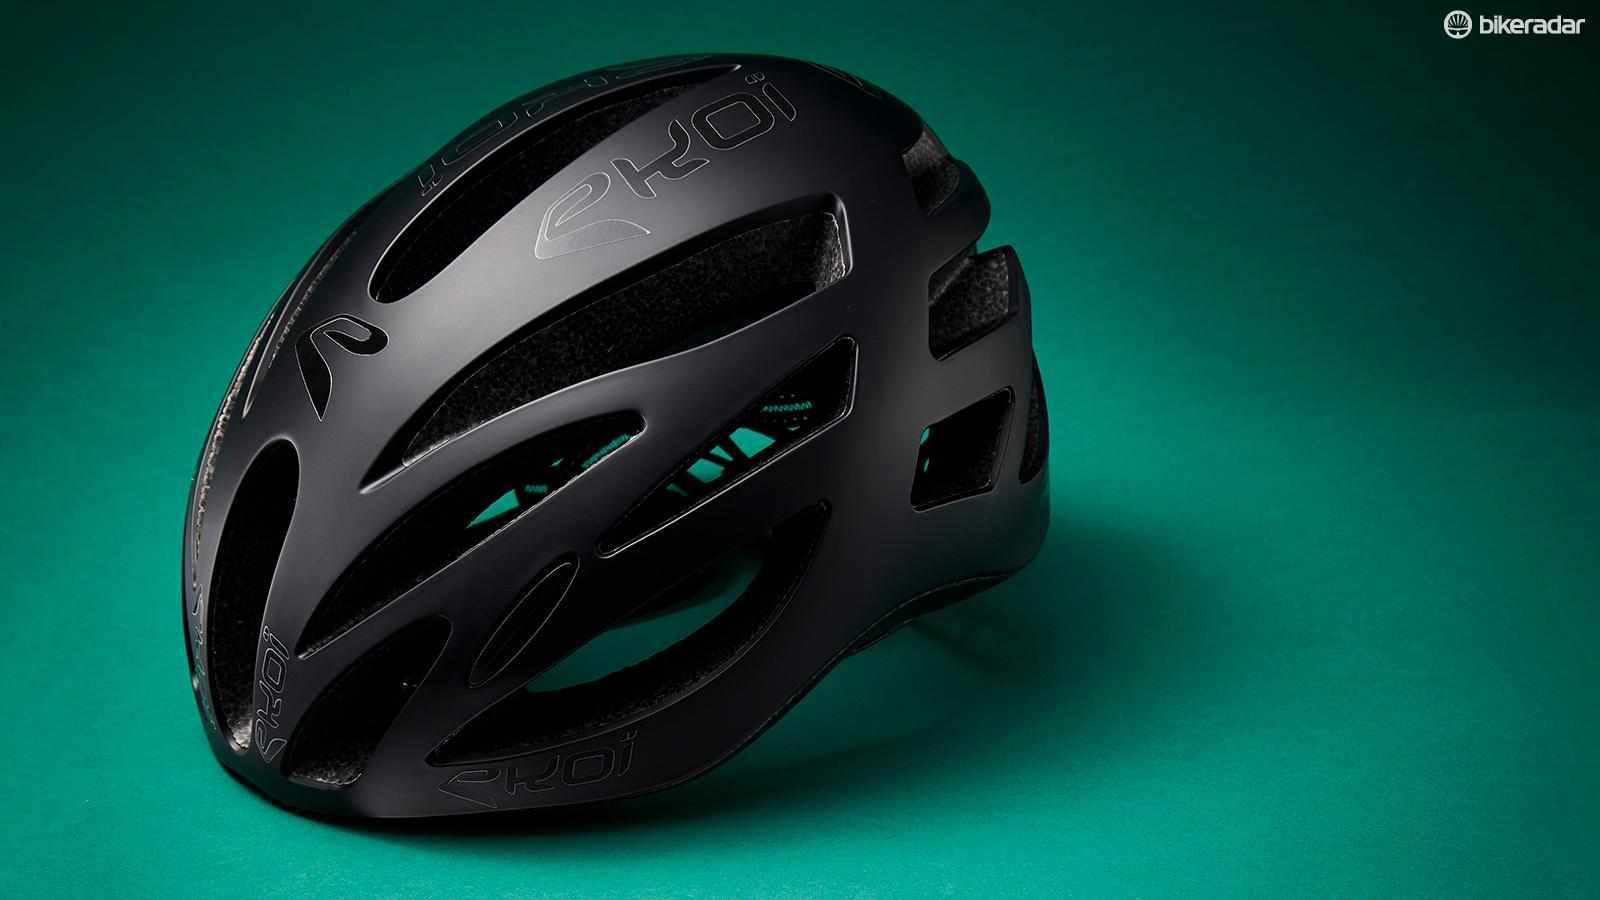 Ekoi's Corsa Evo helmet